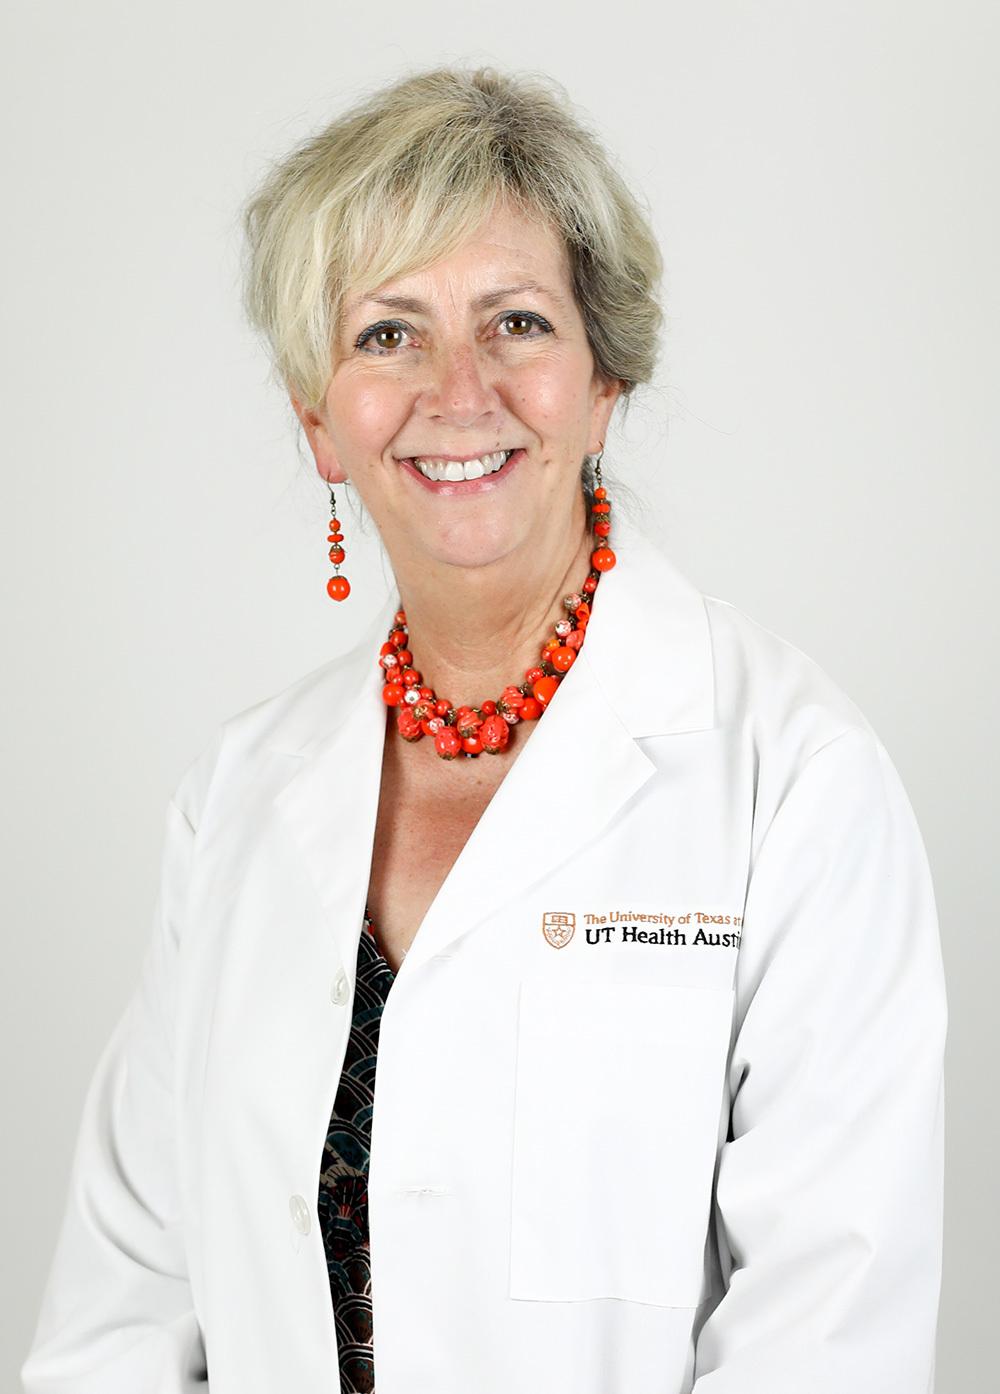 Gail Eckhardt at UT Health Austin